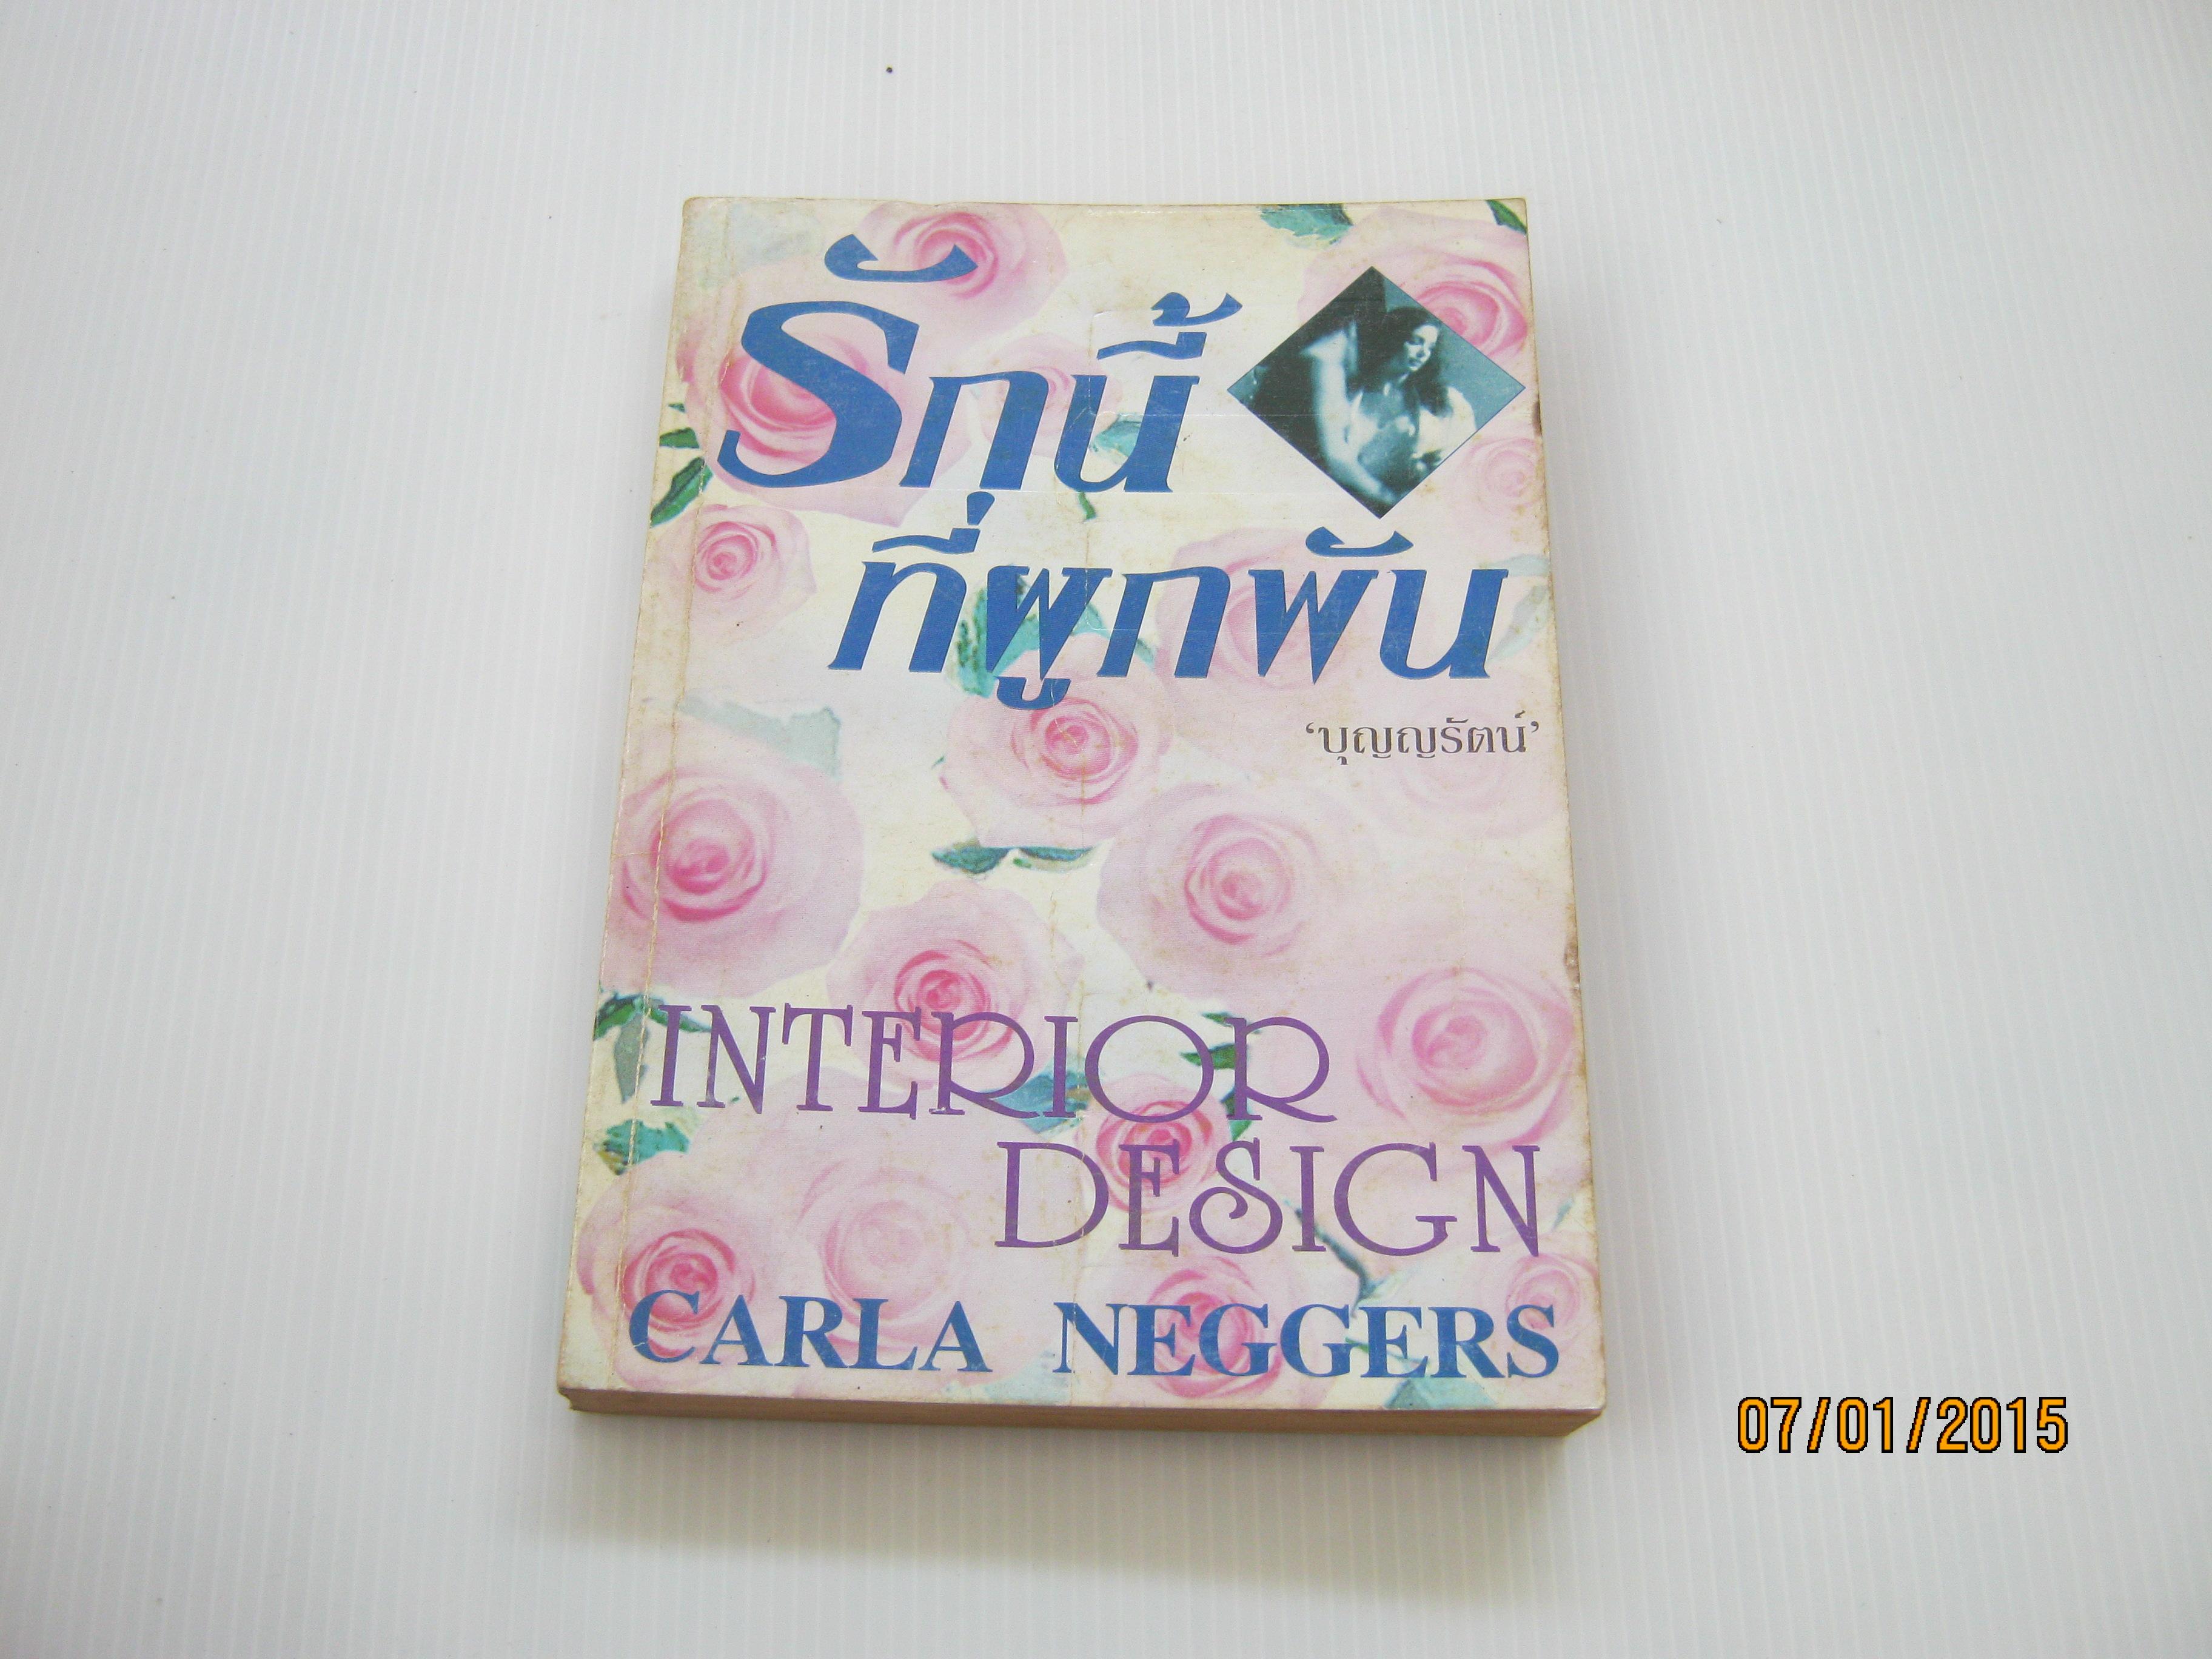 รักนี้ที่ผูกพัน (Interior Design) Carla Neggers เขียน บุญญรัตน์ แปล